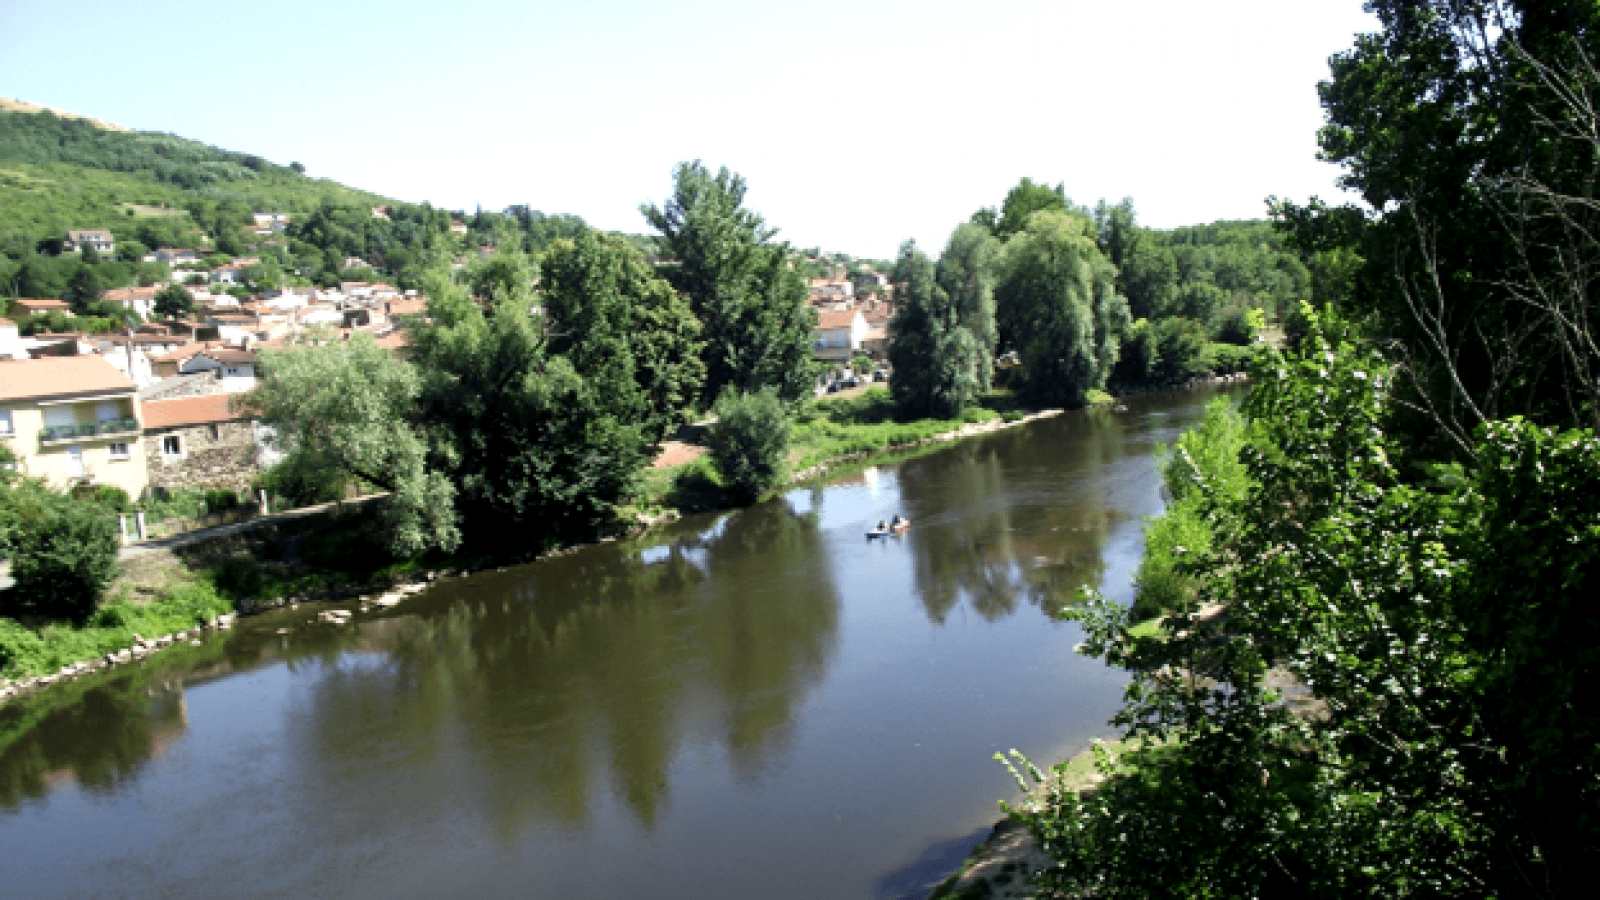 Via Allier (V70), la Véloroute le long de l'Allier